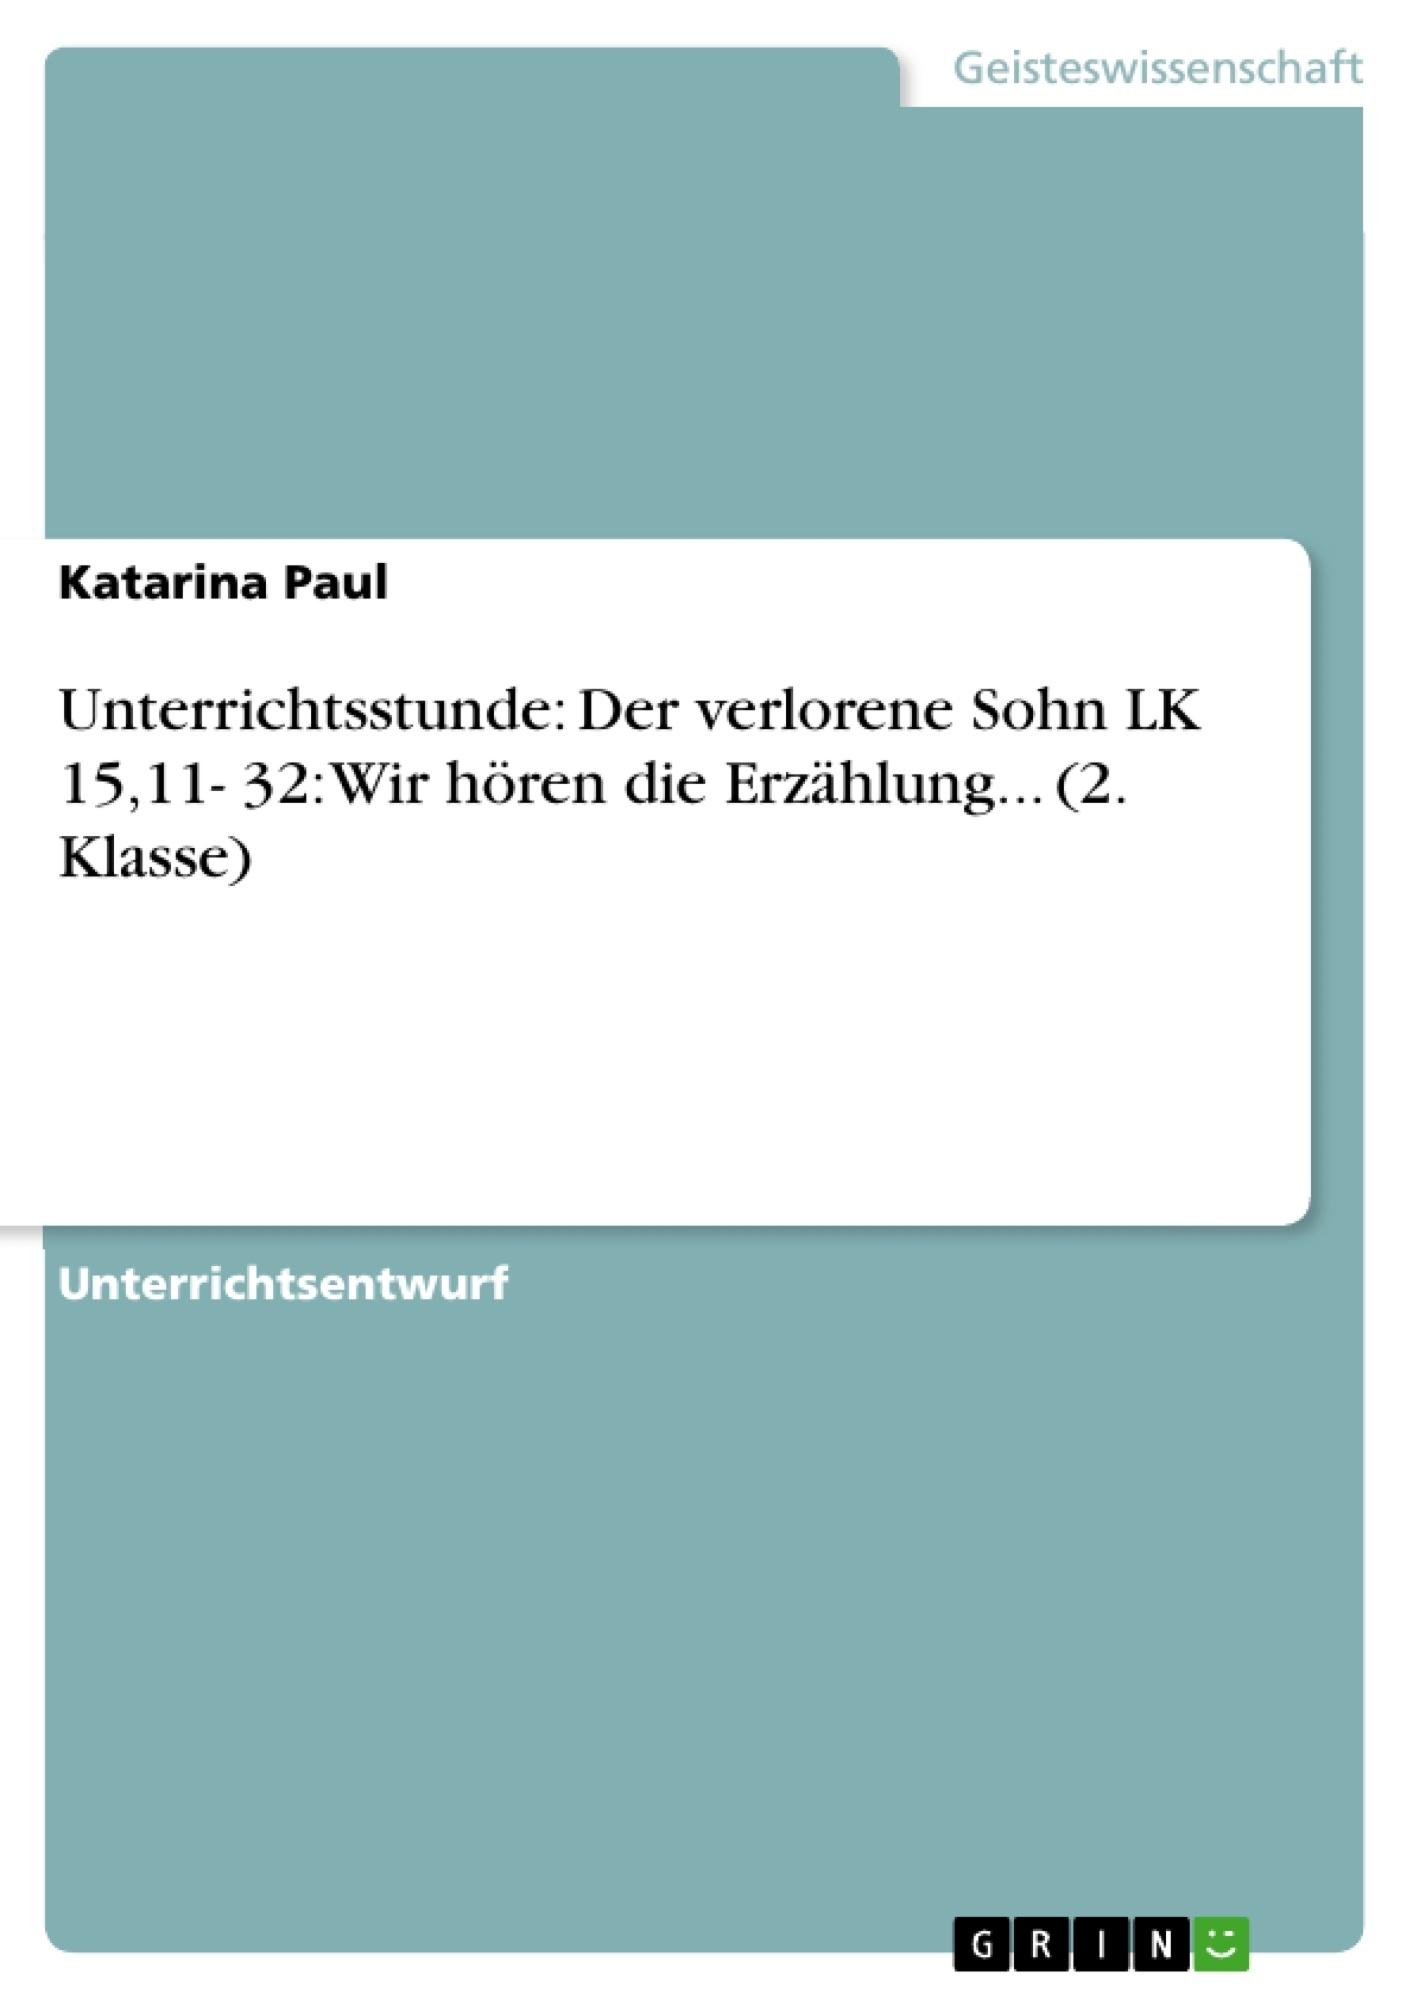 Titel: Unterrichtsstunde: Der verlorene Sohn LK 15,11- 32: Wir hören die Erzählung... (2. Klasse)